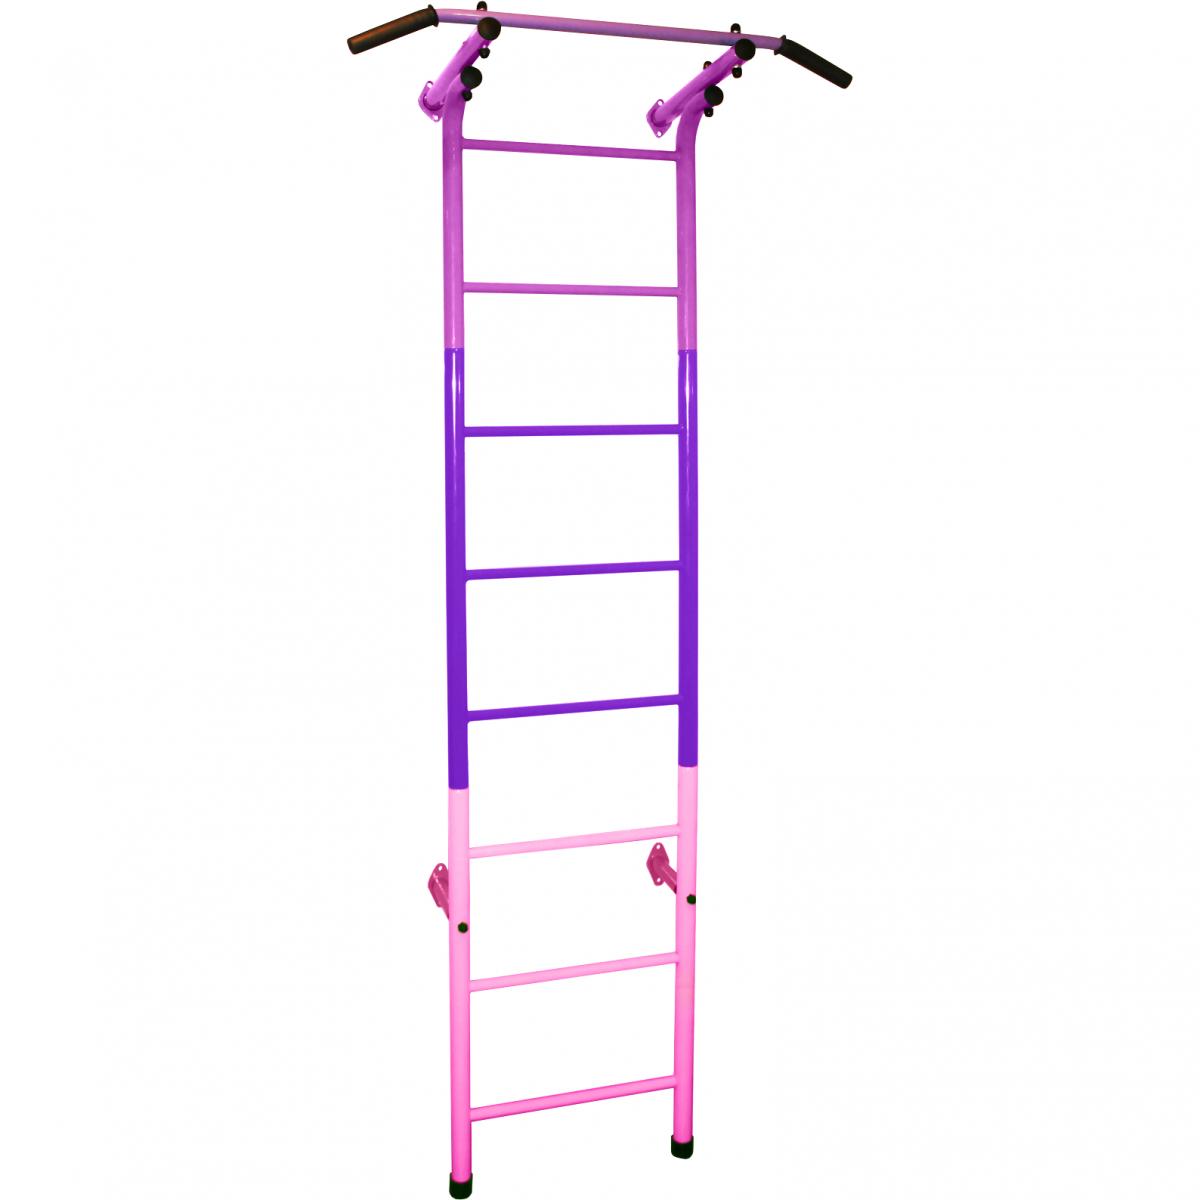 Шведская стенка (детский спортивный комплекс) 9 Радуга фиолетово-розового цвета